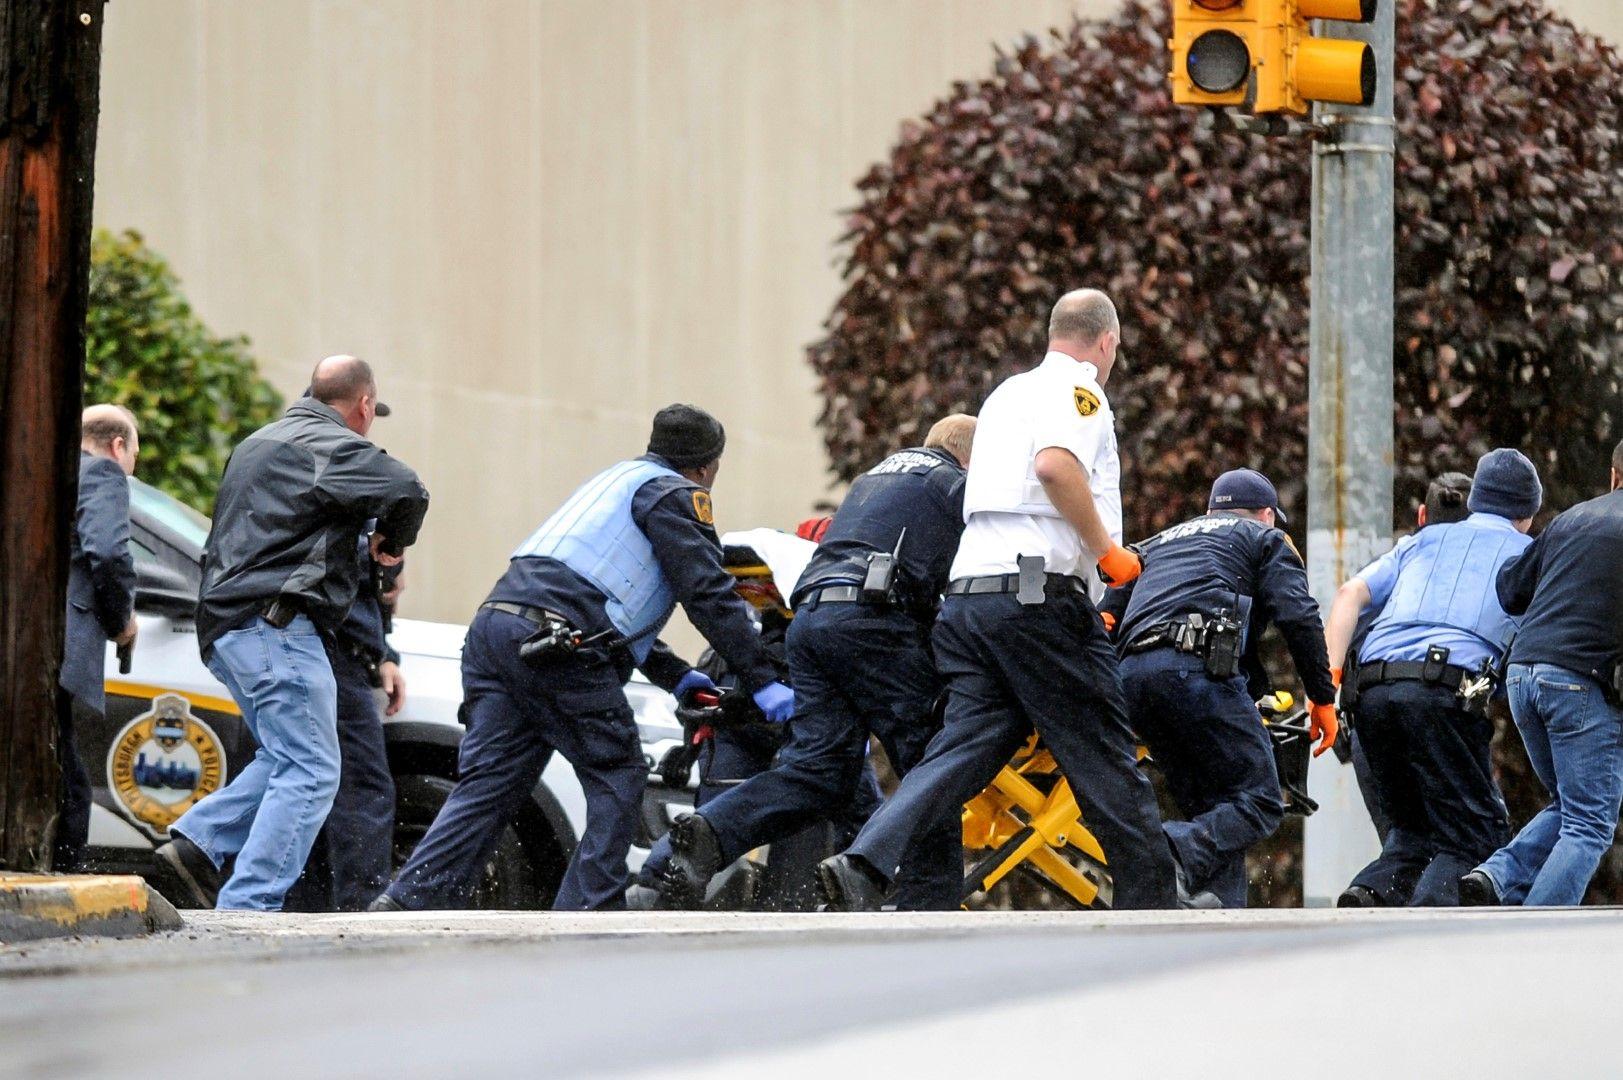 Няколко служители на реда пострадаха при опита да бъде заловен стрелецът